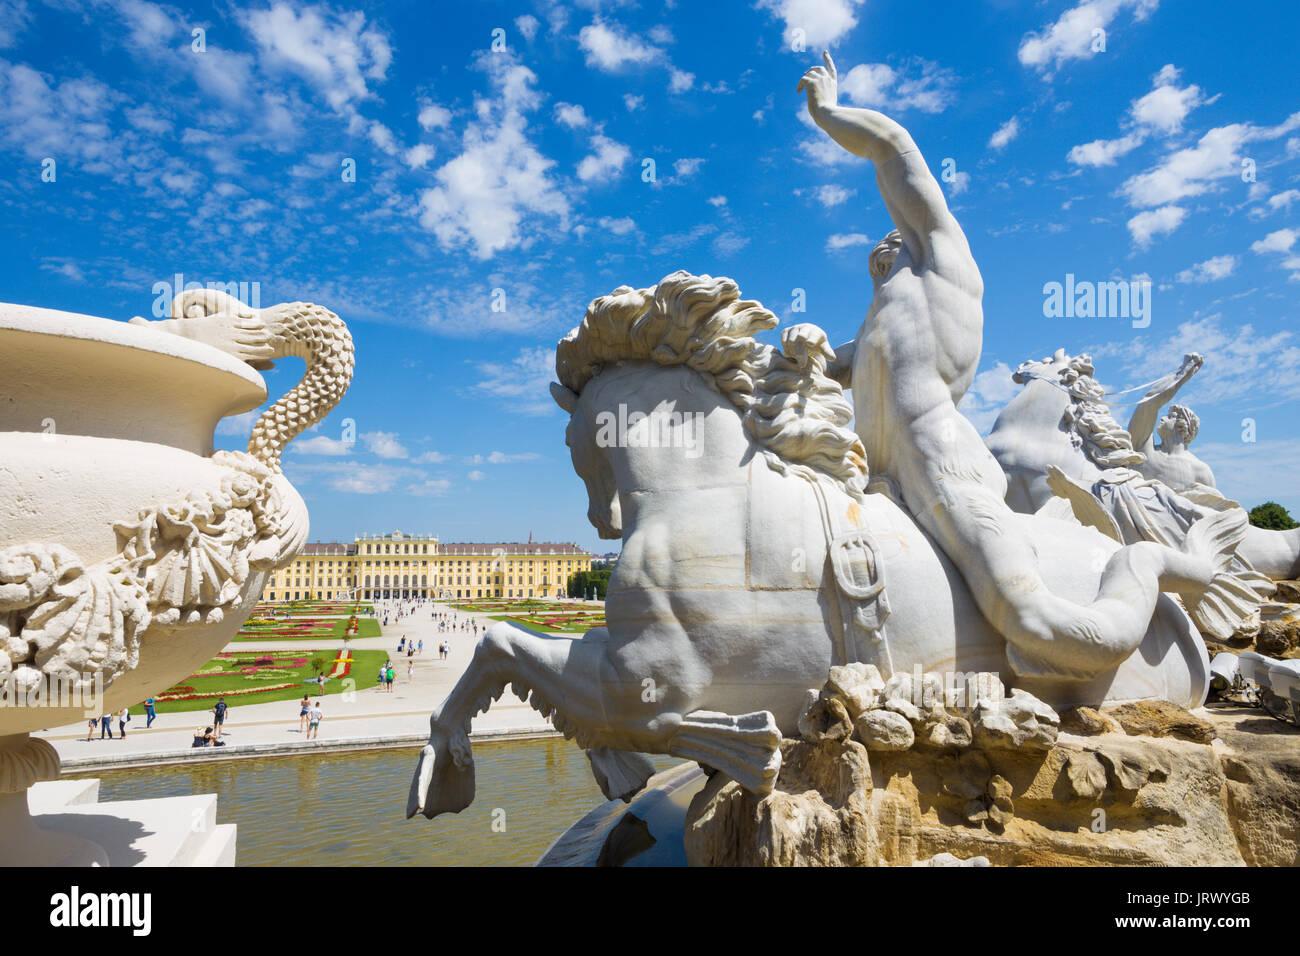 Viena, Austria - Julio 30, 2014: el palacio de Schonbrunn y jardines desde la fuente de Neptuno. Imagen De Stock